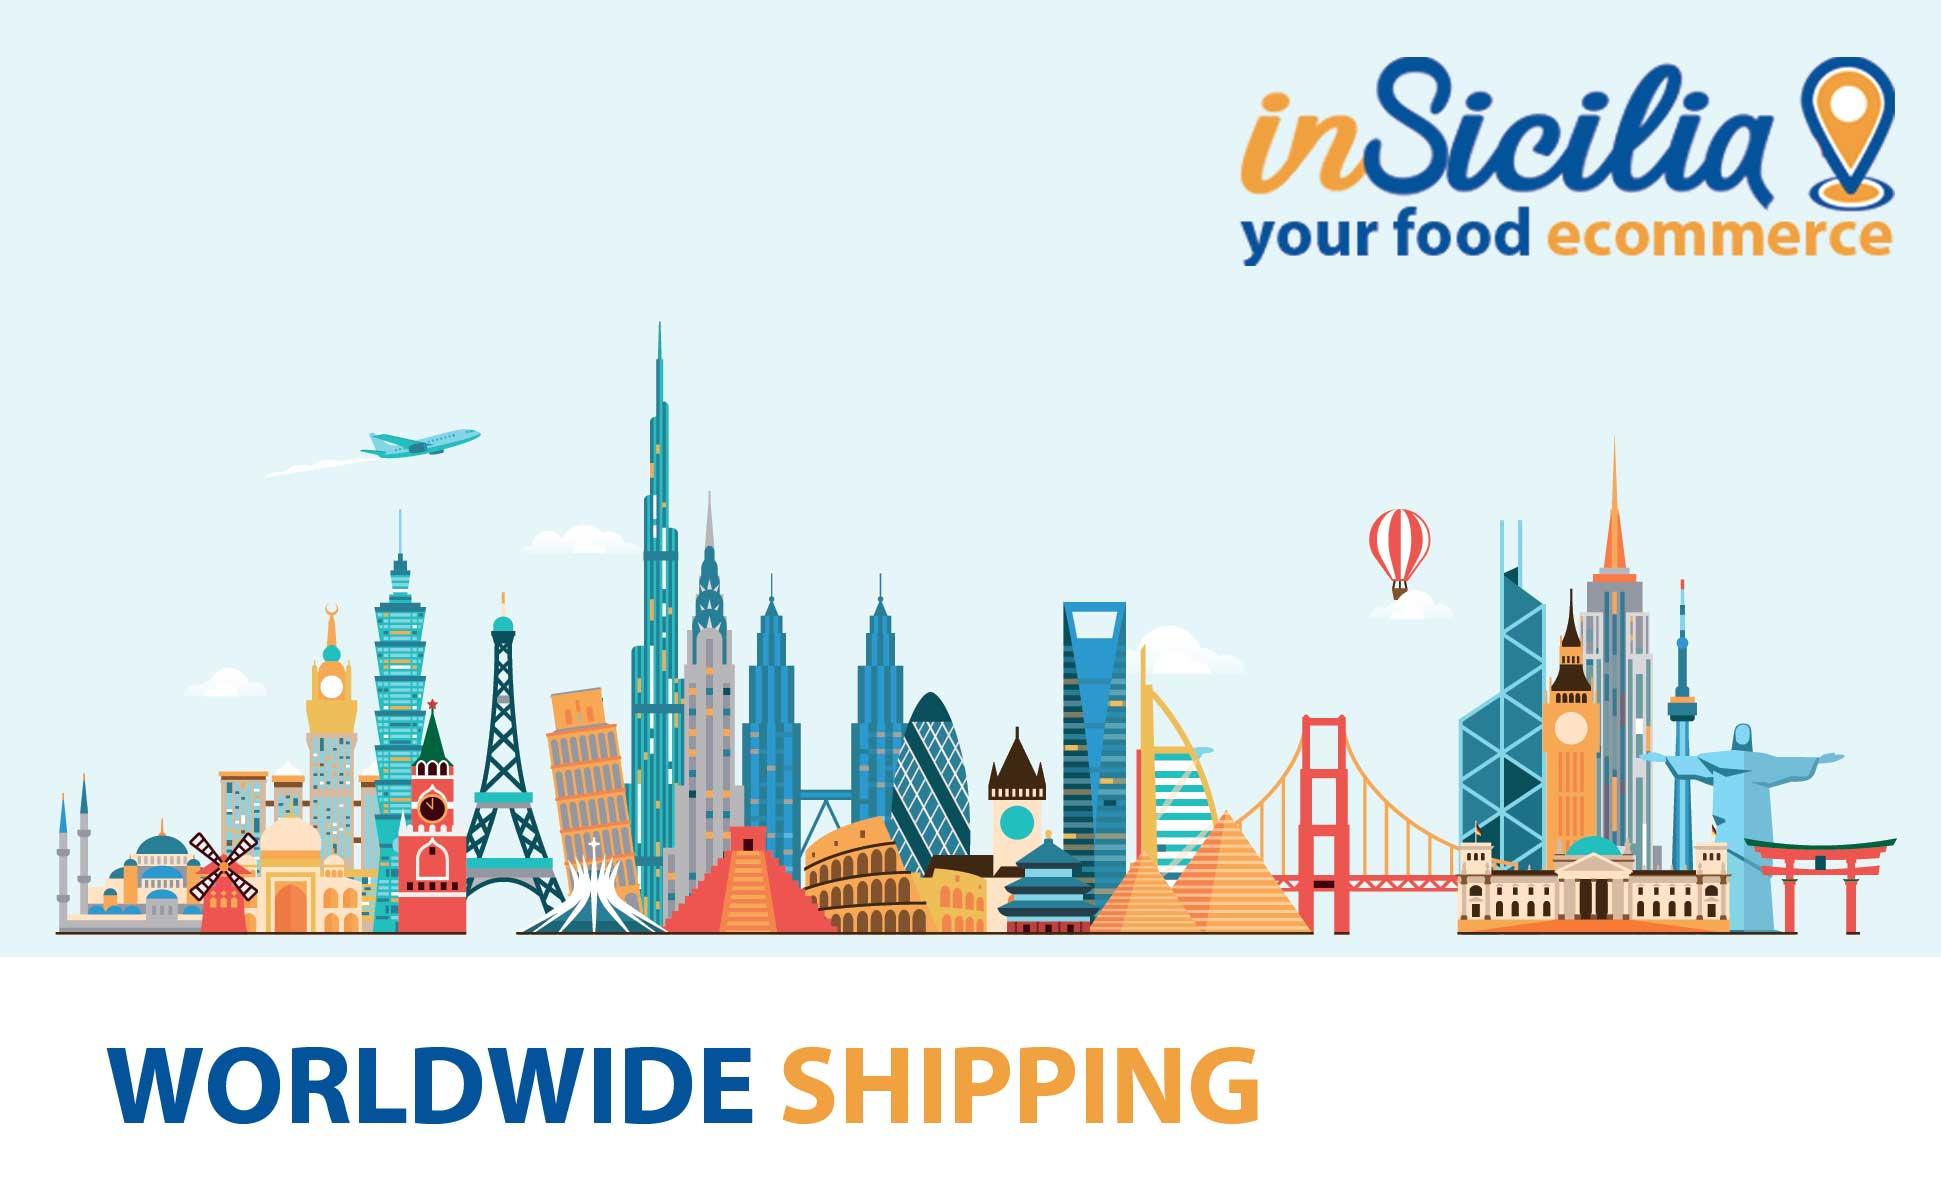 insicilia.com spedisce cibo tipico siciliano in tutto il mondo. La spedizione è gratuita per ordini di almeno 39 euro. Prezzi top